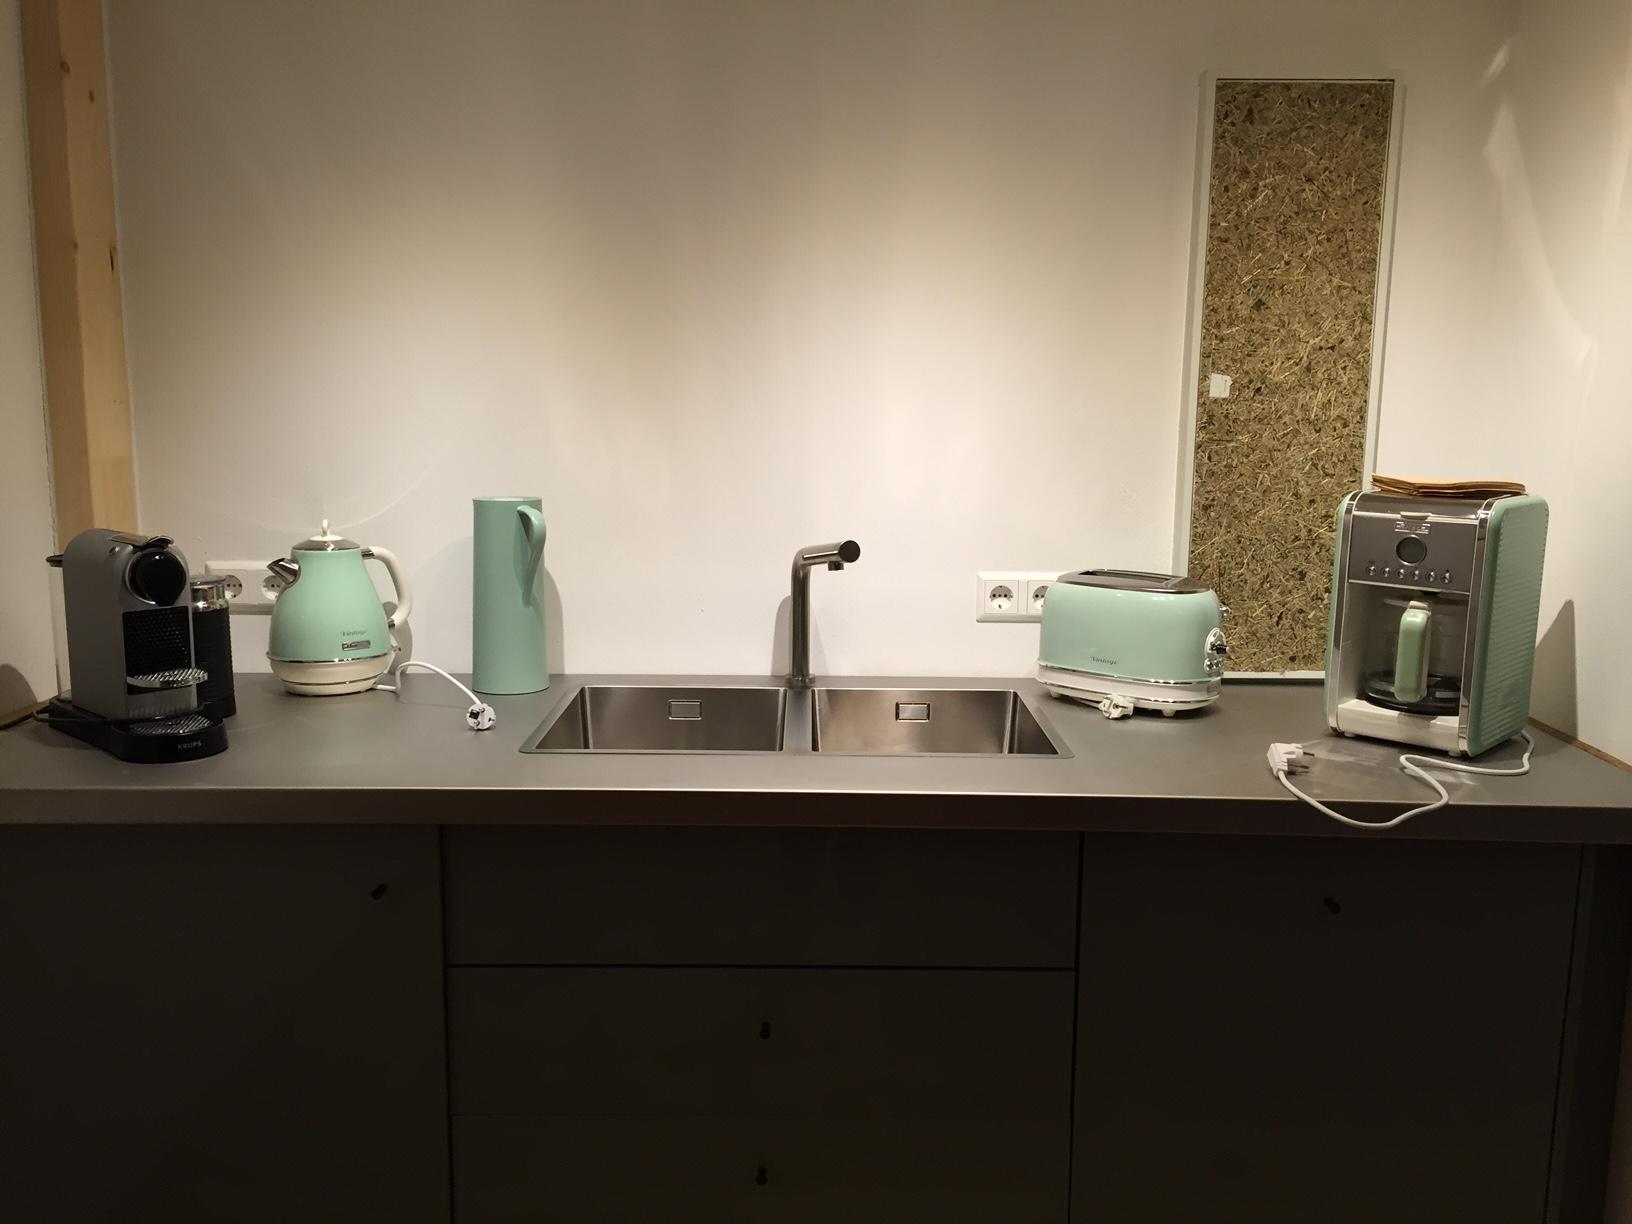 Niedlich Küchenspüle Unternehmen Indien Bilder - Ideen Für Die Küche ...